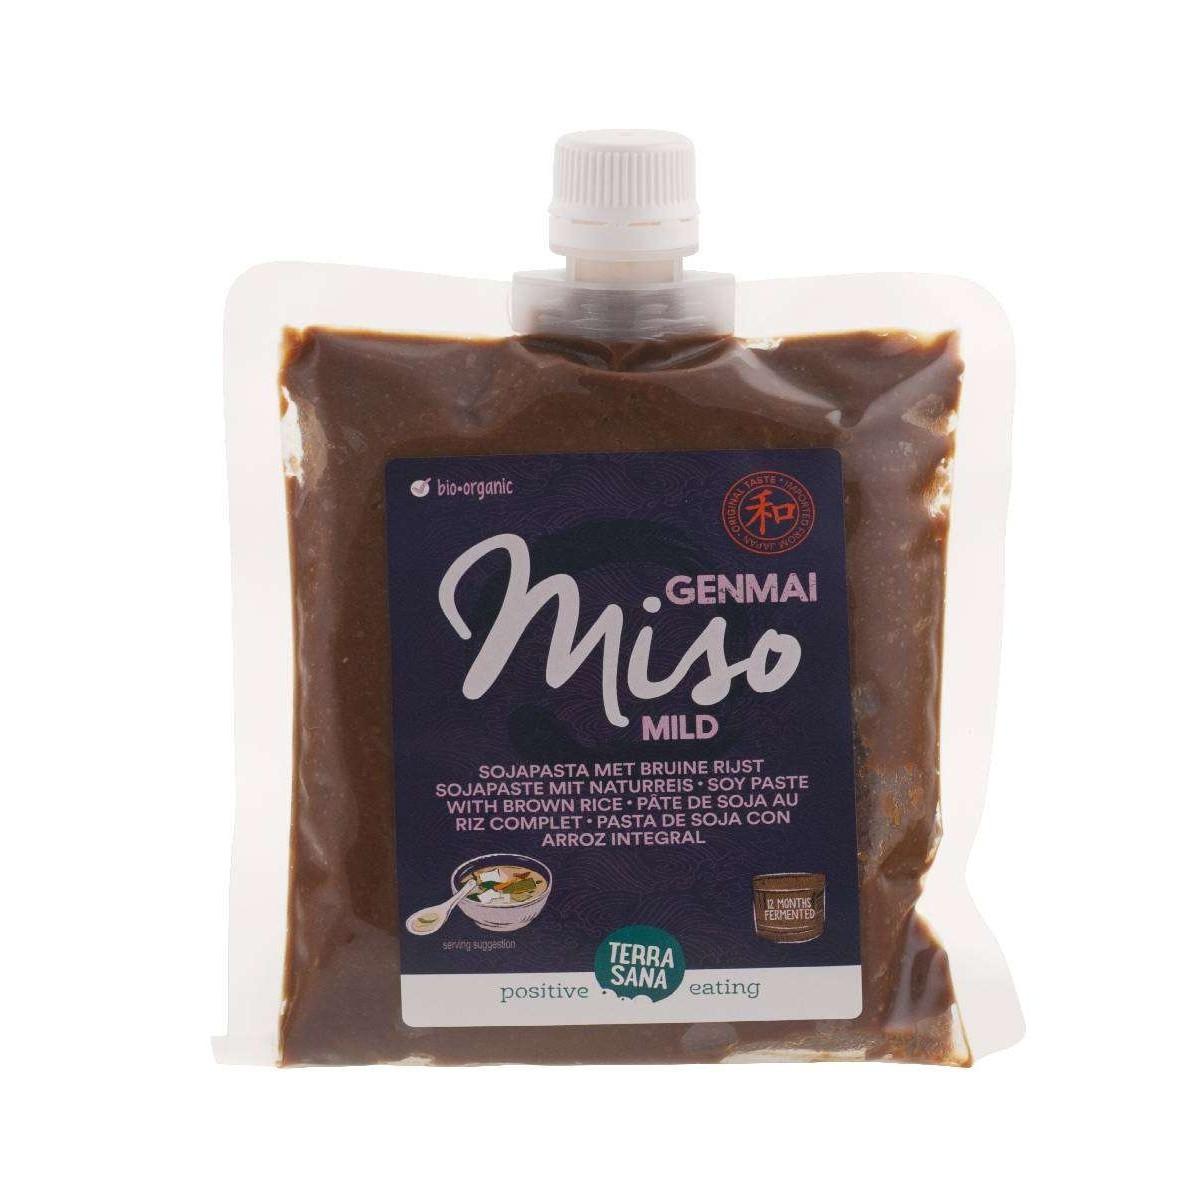 Genmai Miso Mild (schroefdop)